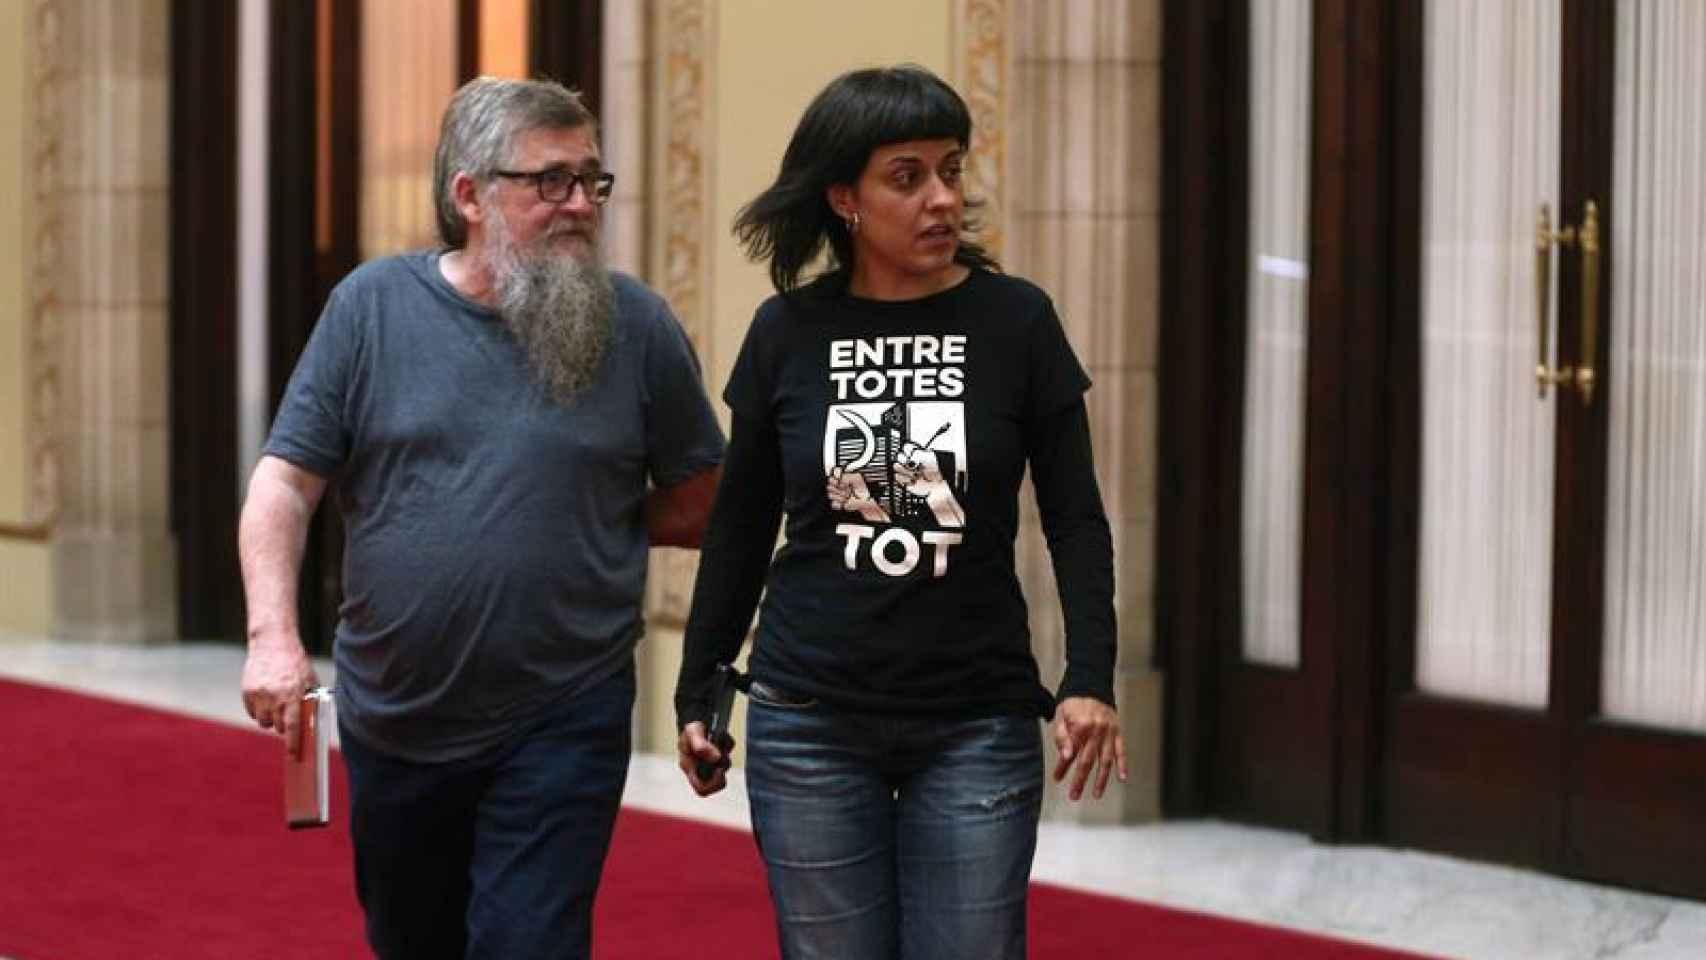 Los diputados de la CUP, Joan Garriga y Anna Gabriel, tras reunirse con Puigdemont la pasada semana